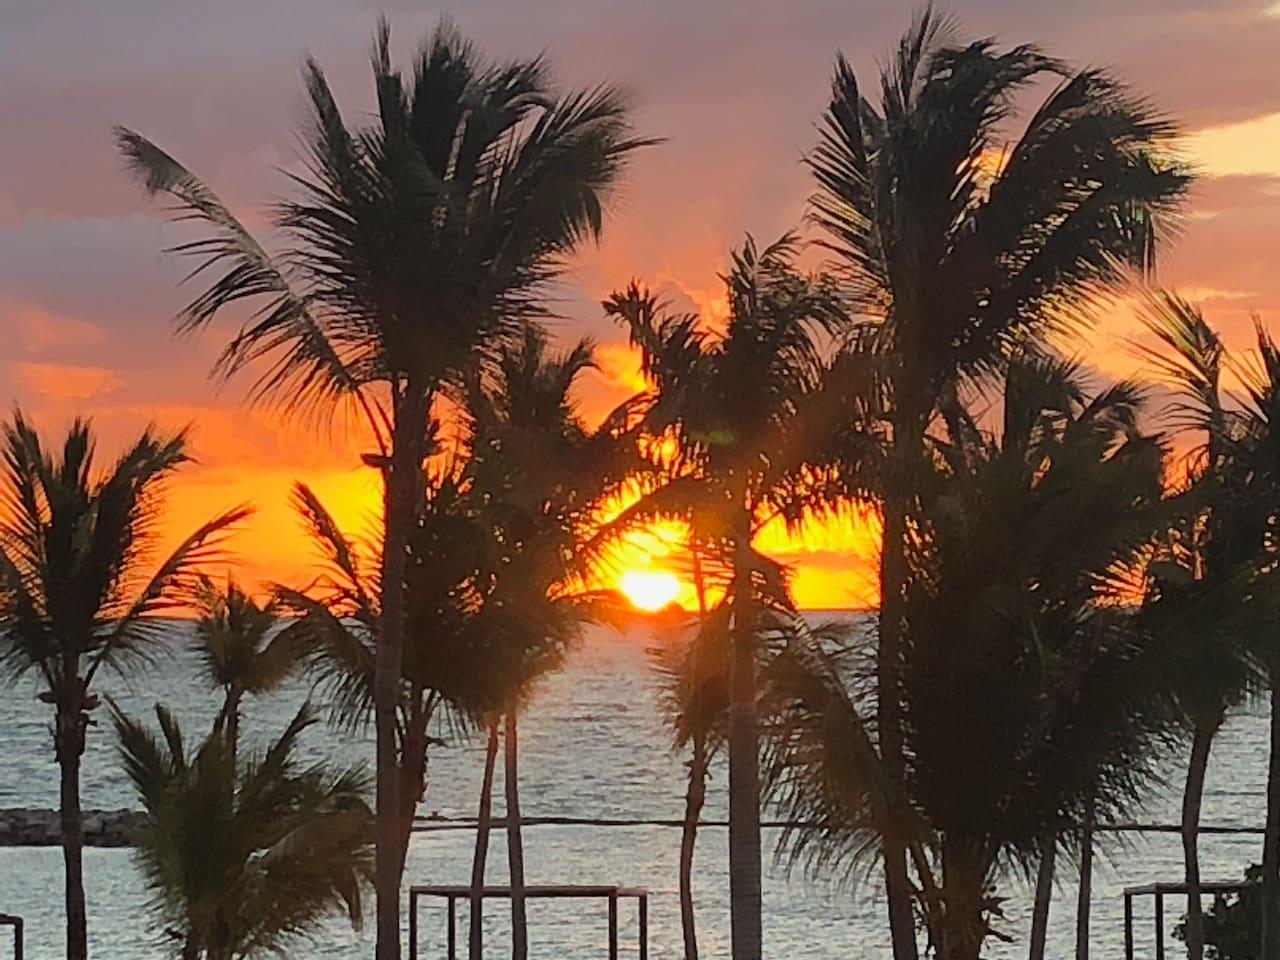 Awakening in Paradise.